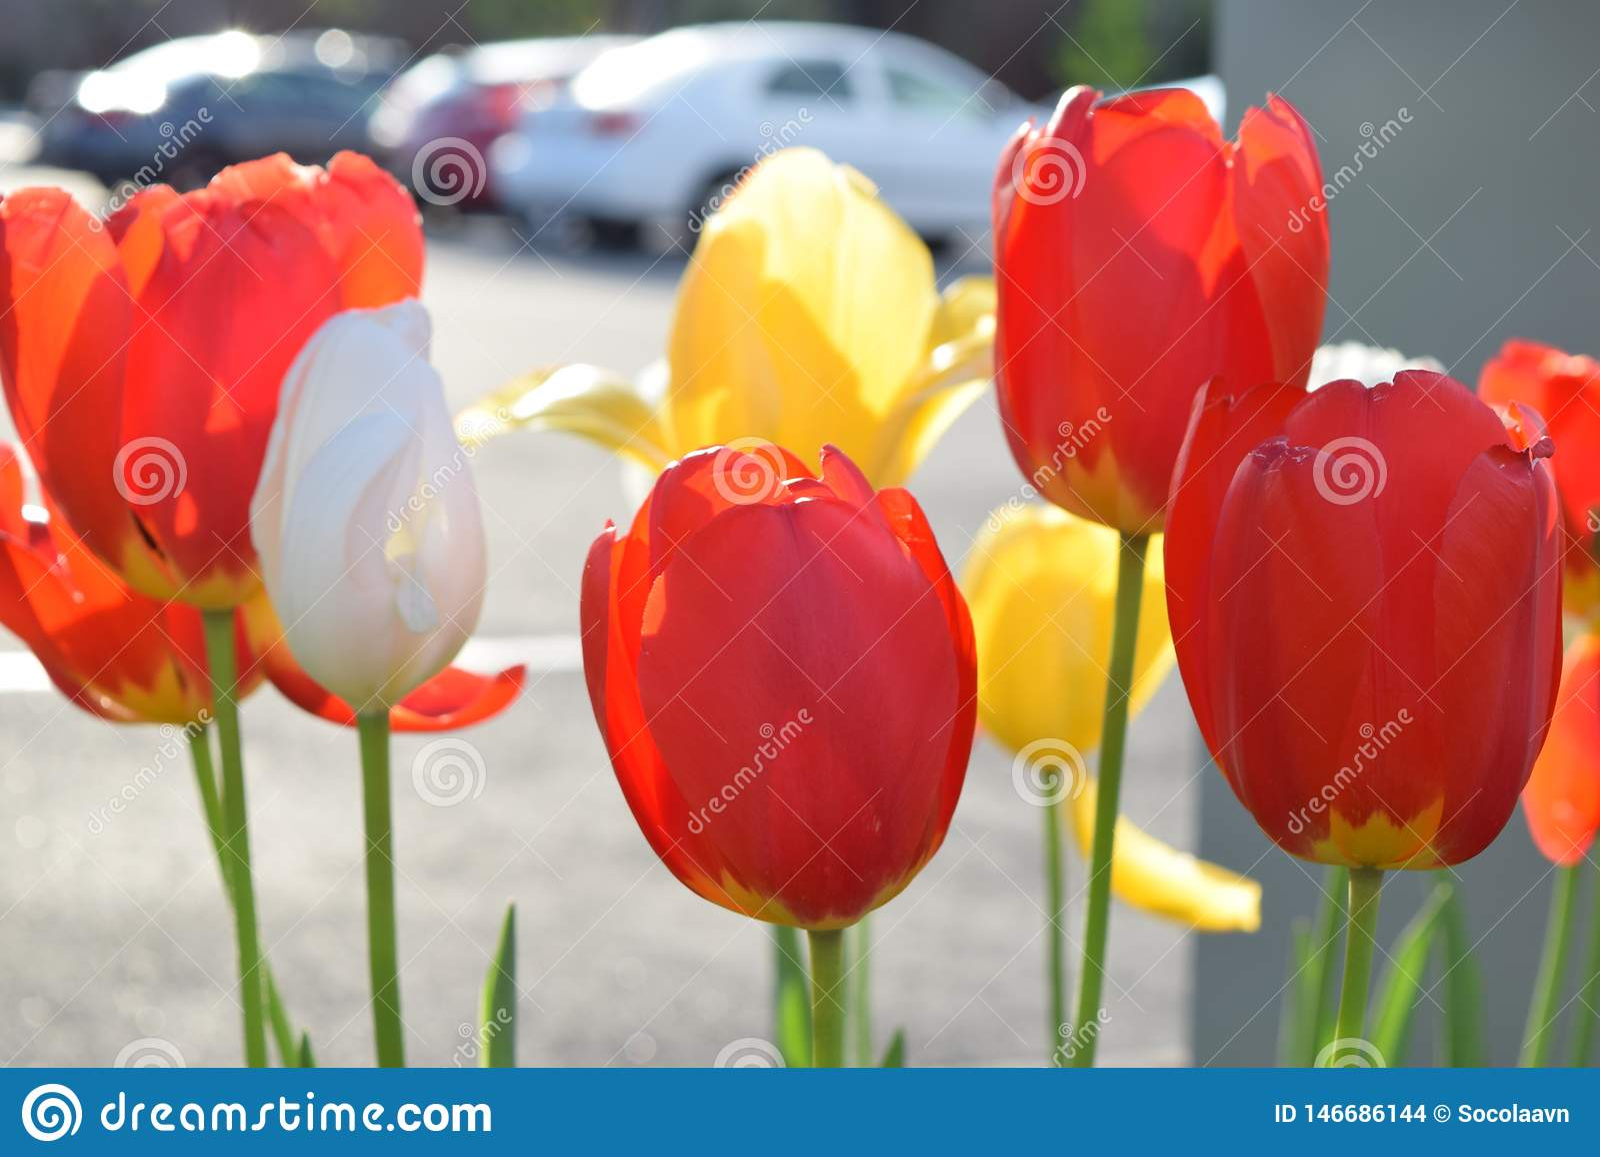 Fleurs de tulipe au printemps